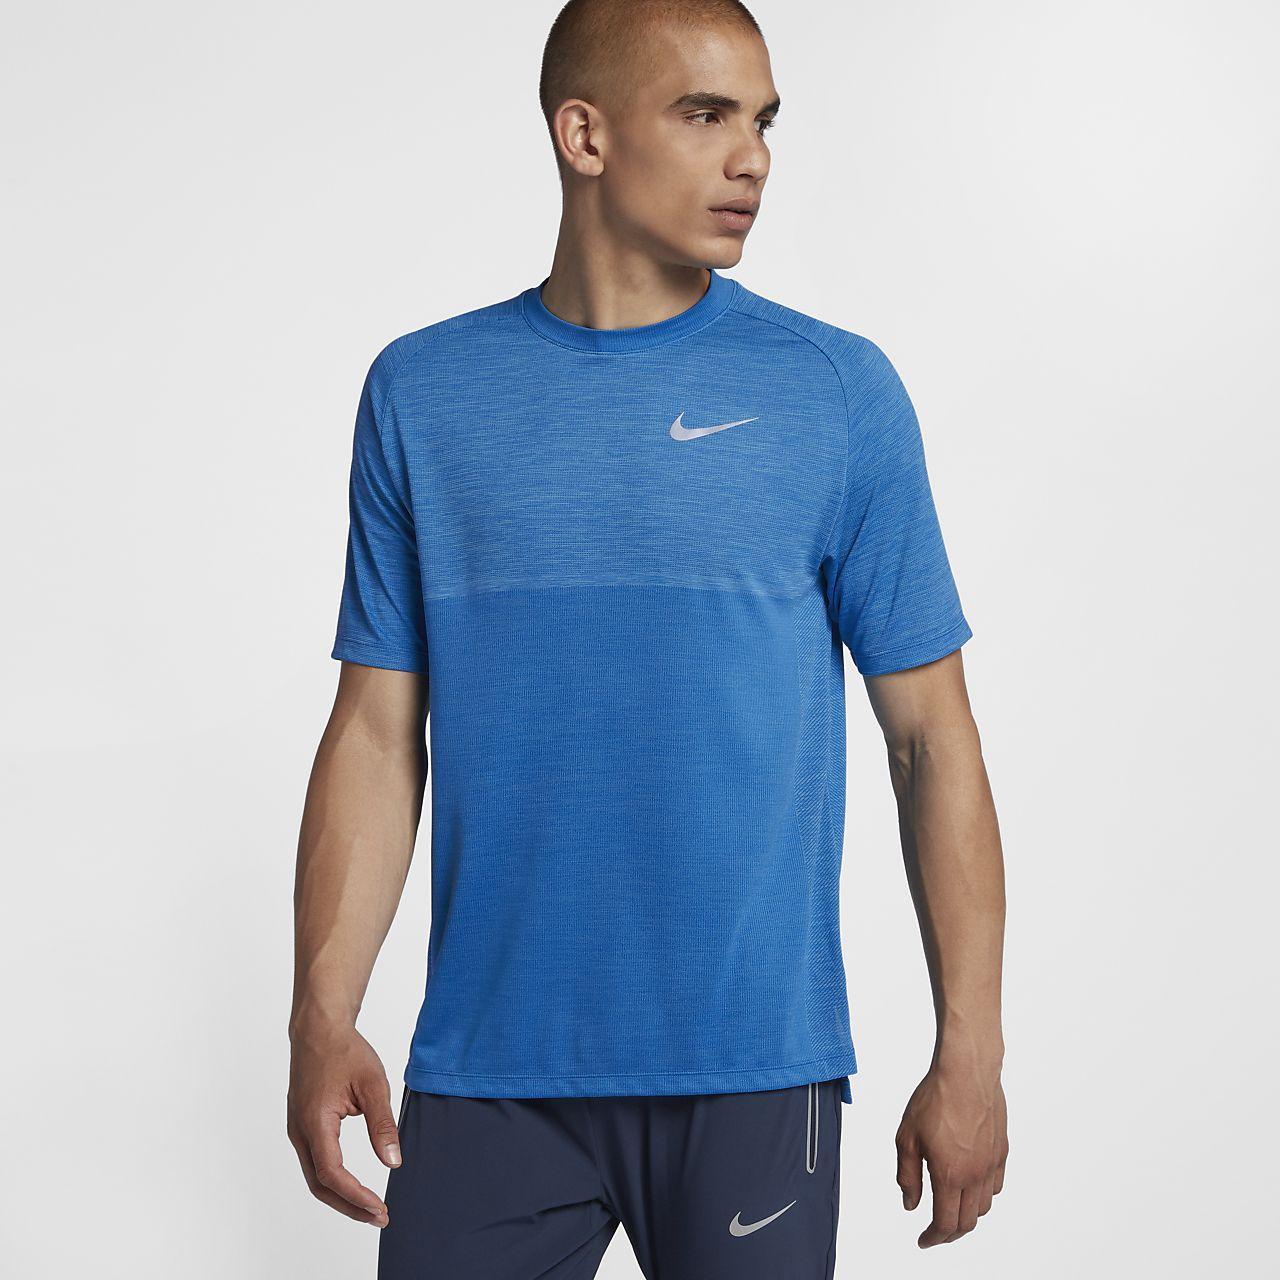 Pánské běžecké tričko Nike Dri-FIT Medalist s krátkým rukávem